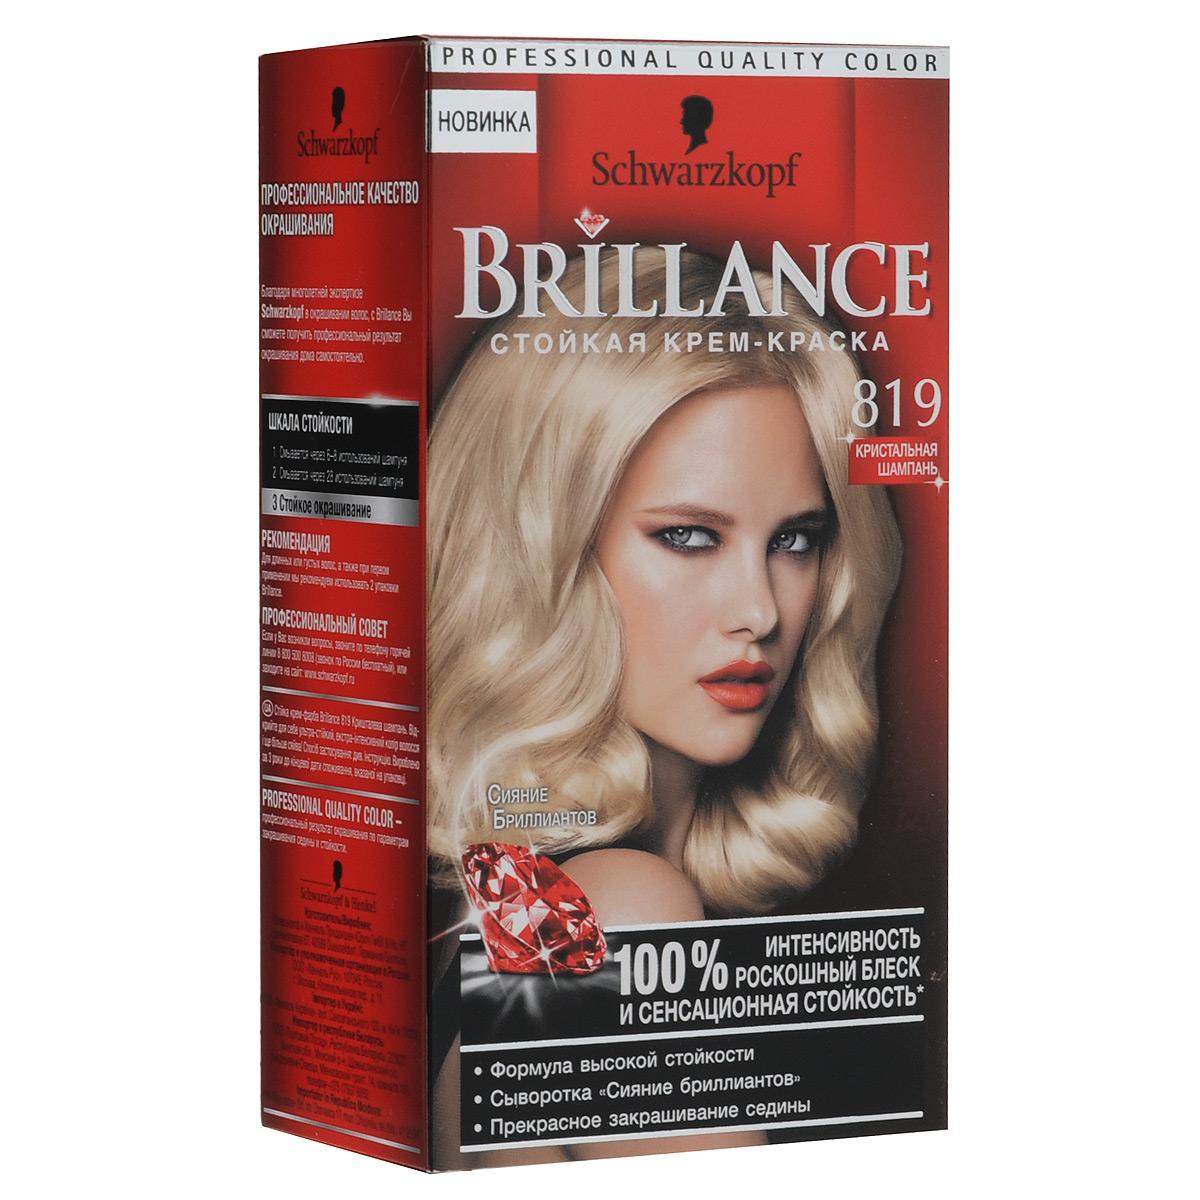 Brillance Стойкая крем-краска для волос, оттенок 819, Кристальная шампань12173047Стойка крем-краска Brillance для 100% интенсивности цвета и роскошного блеска! Формула Brillance содержит интенсивные цветовые пигменты разного размера. Благодаря этому пигменты глубоко проникают в структуру волоса и надежно закрепляются внутри - для высокой интенсивности цвета и сенсационной стойкости, даже на темных волосах. Добавьте сыворотку Сияние бриллиантов в окрашивающую смесь для придания волосам роскошного бриллиантового блеска.